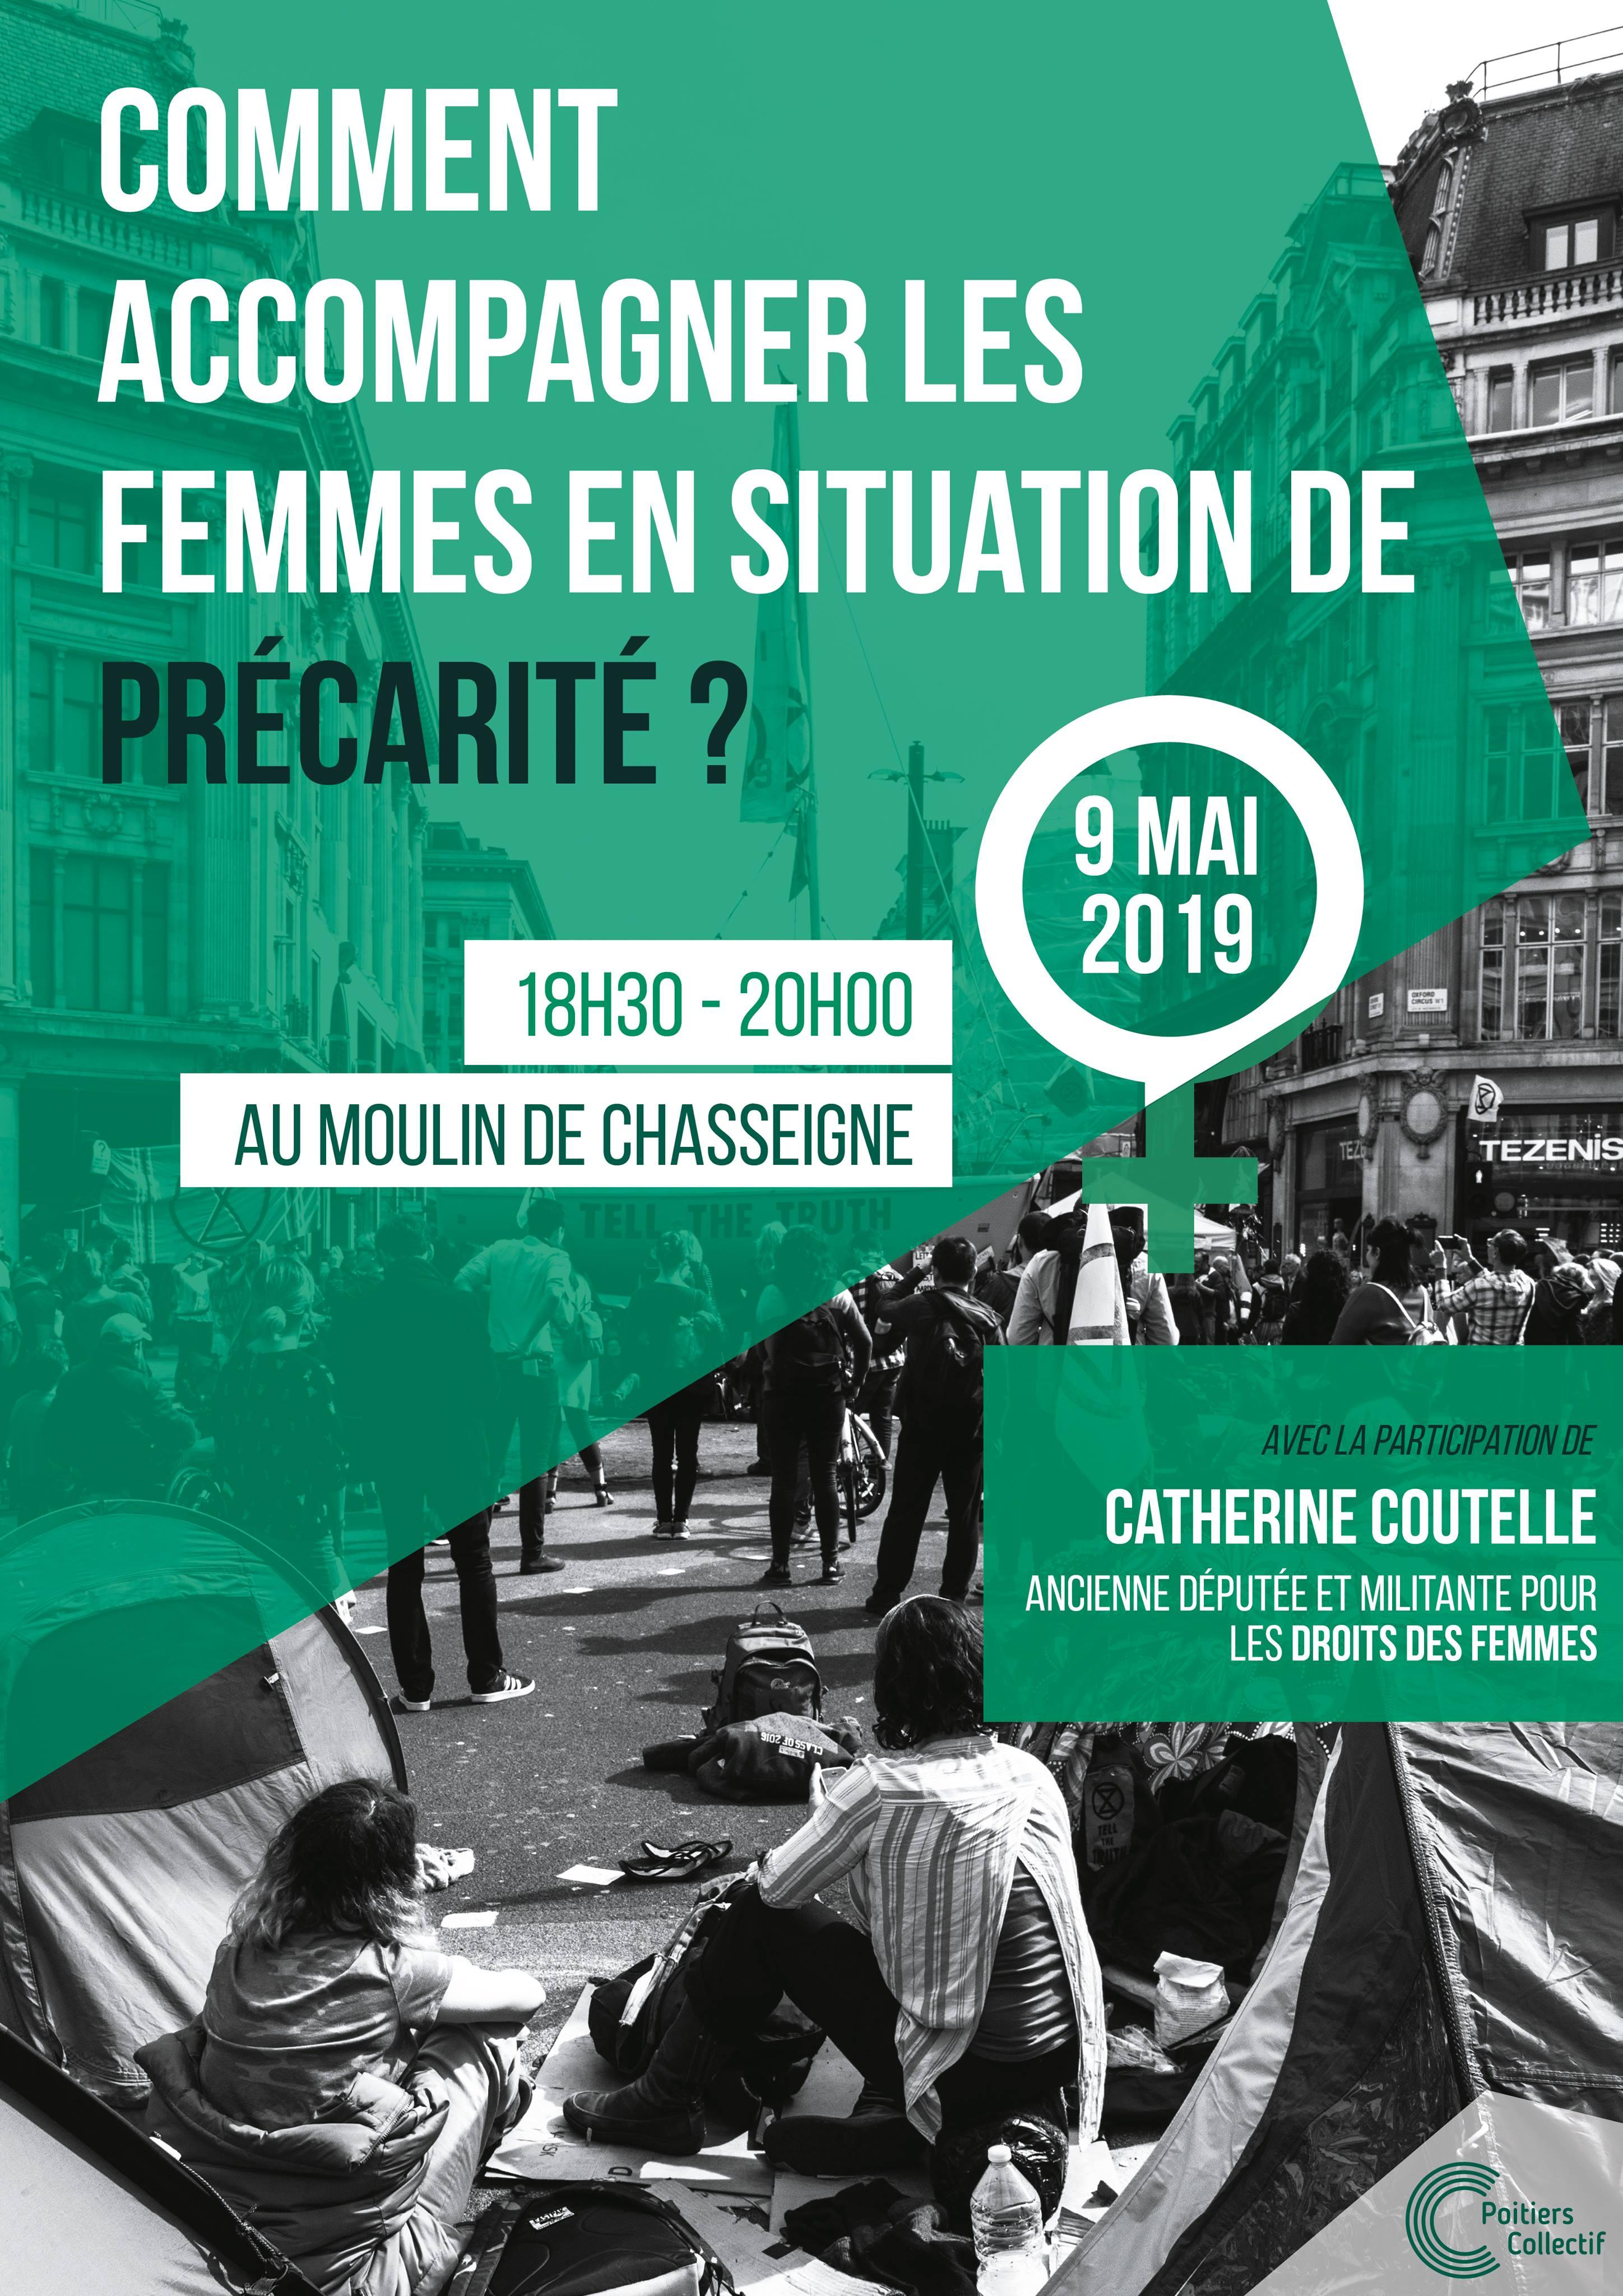 Affiche événement femmes et précarité 9 mai 2019